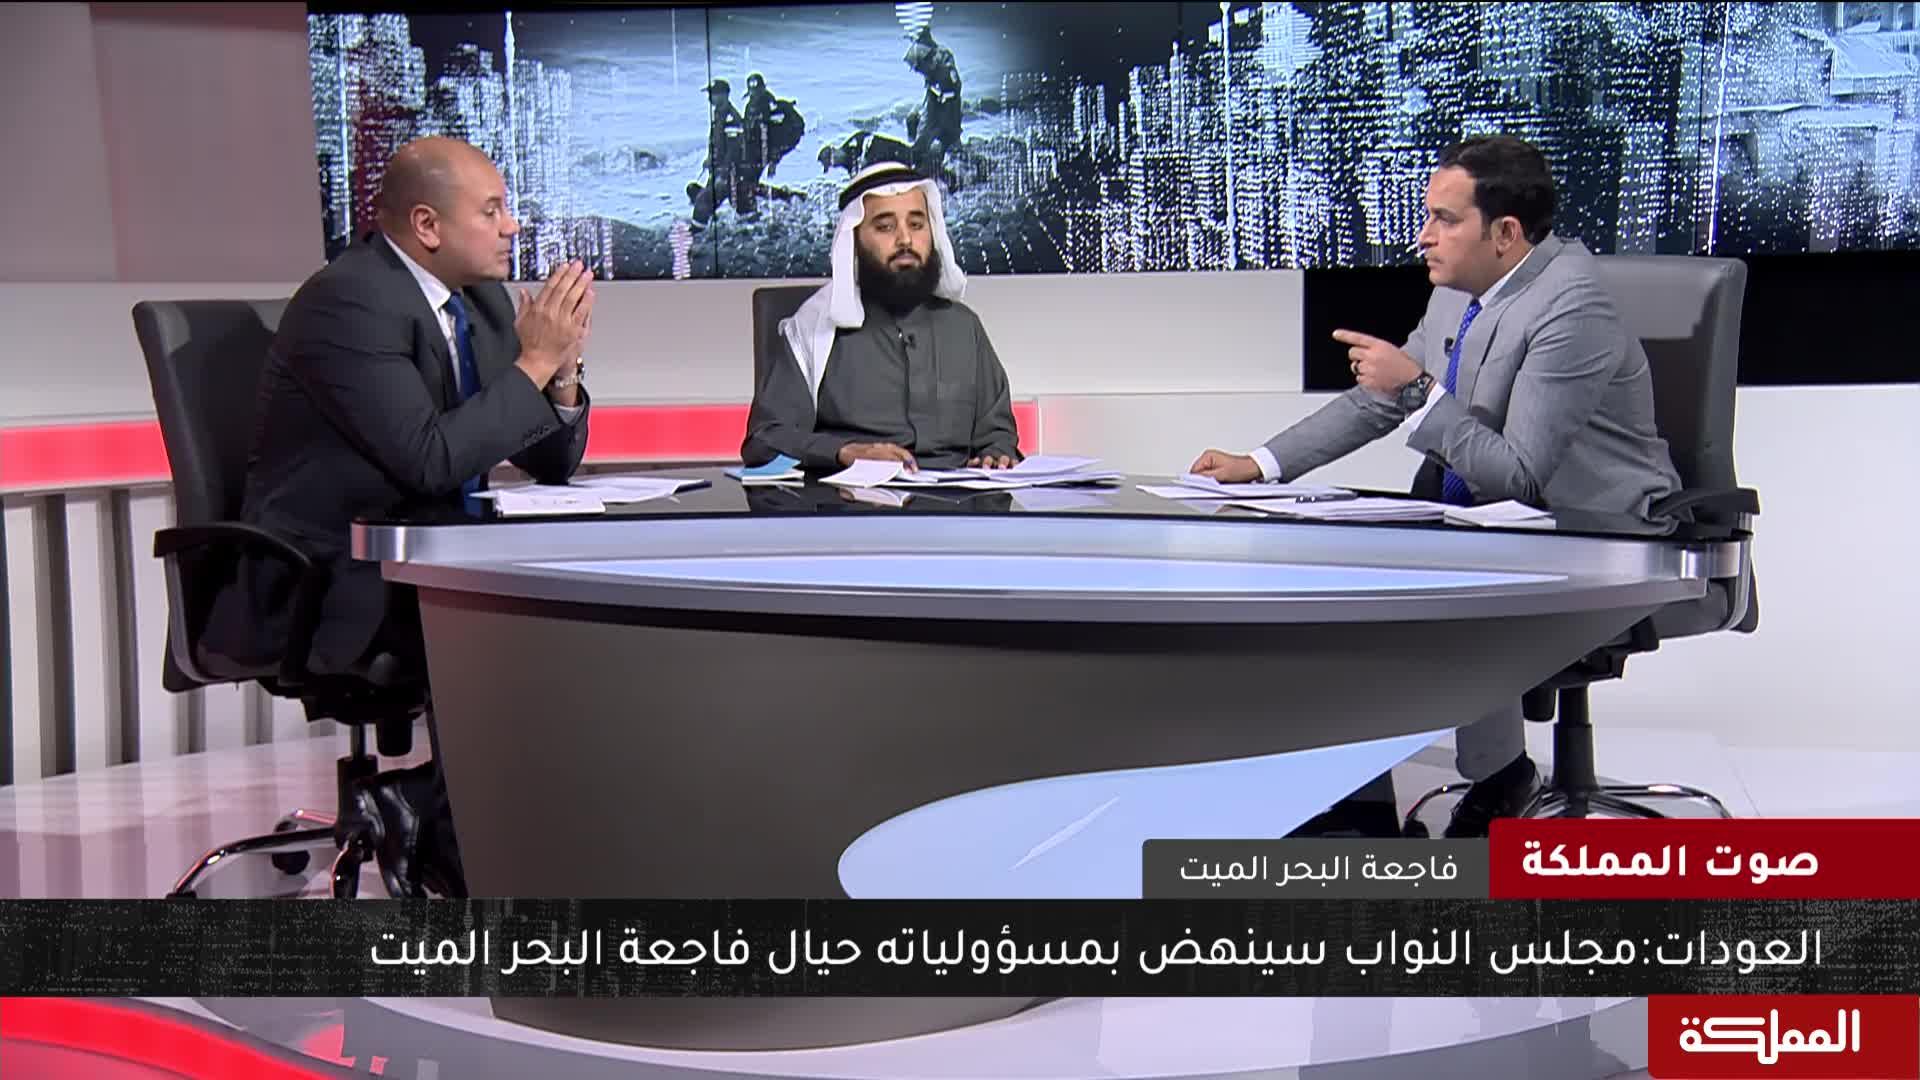 صوت المملكة | مسببات حادث البحر الميت... وجدوى لجان التحقيق